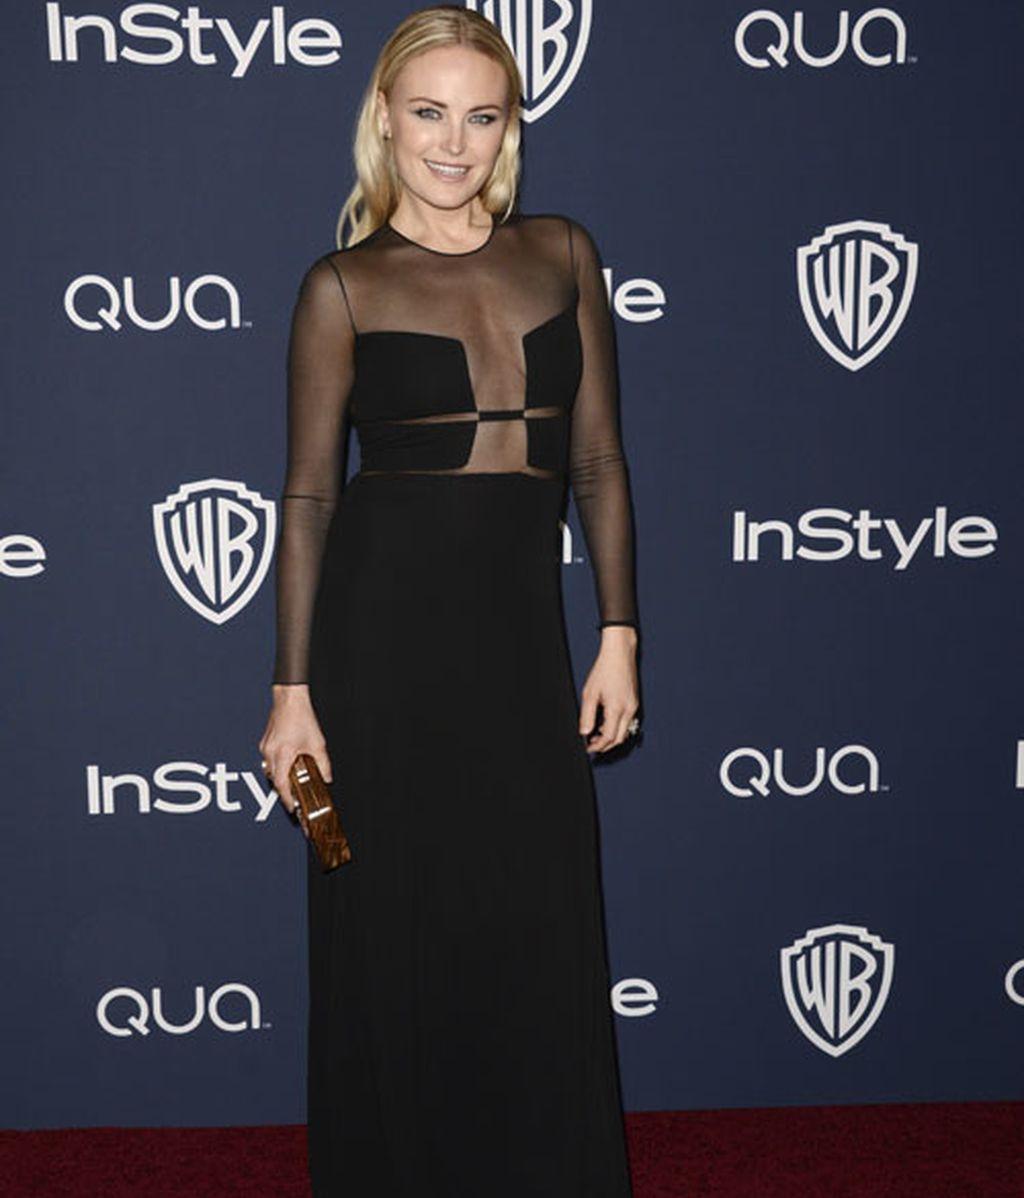 La actriz Malin Akerman llevó a la fiesta un vestido negro con trasparencias